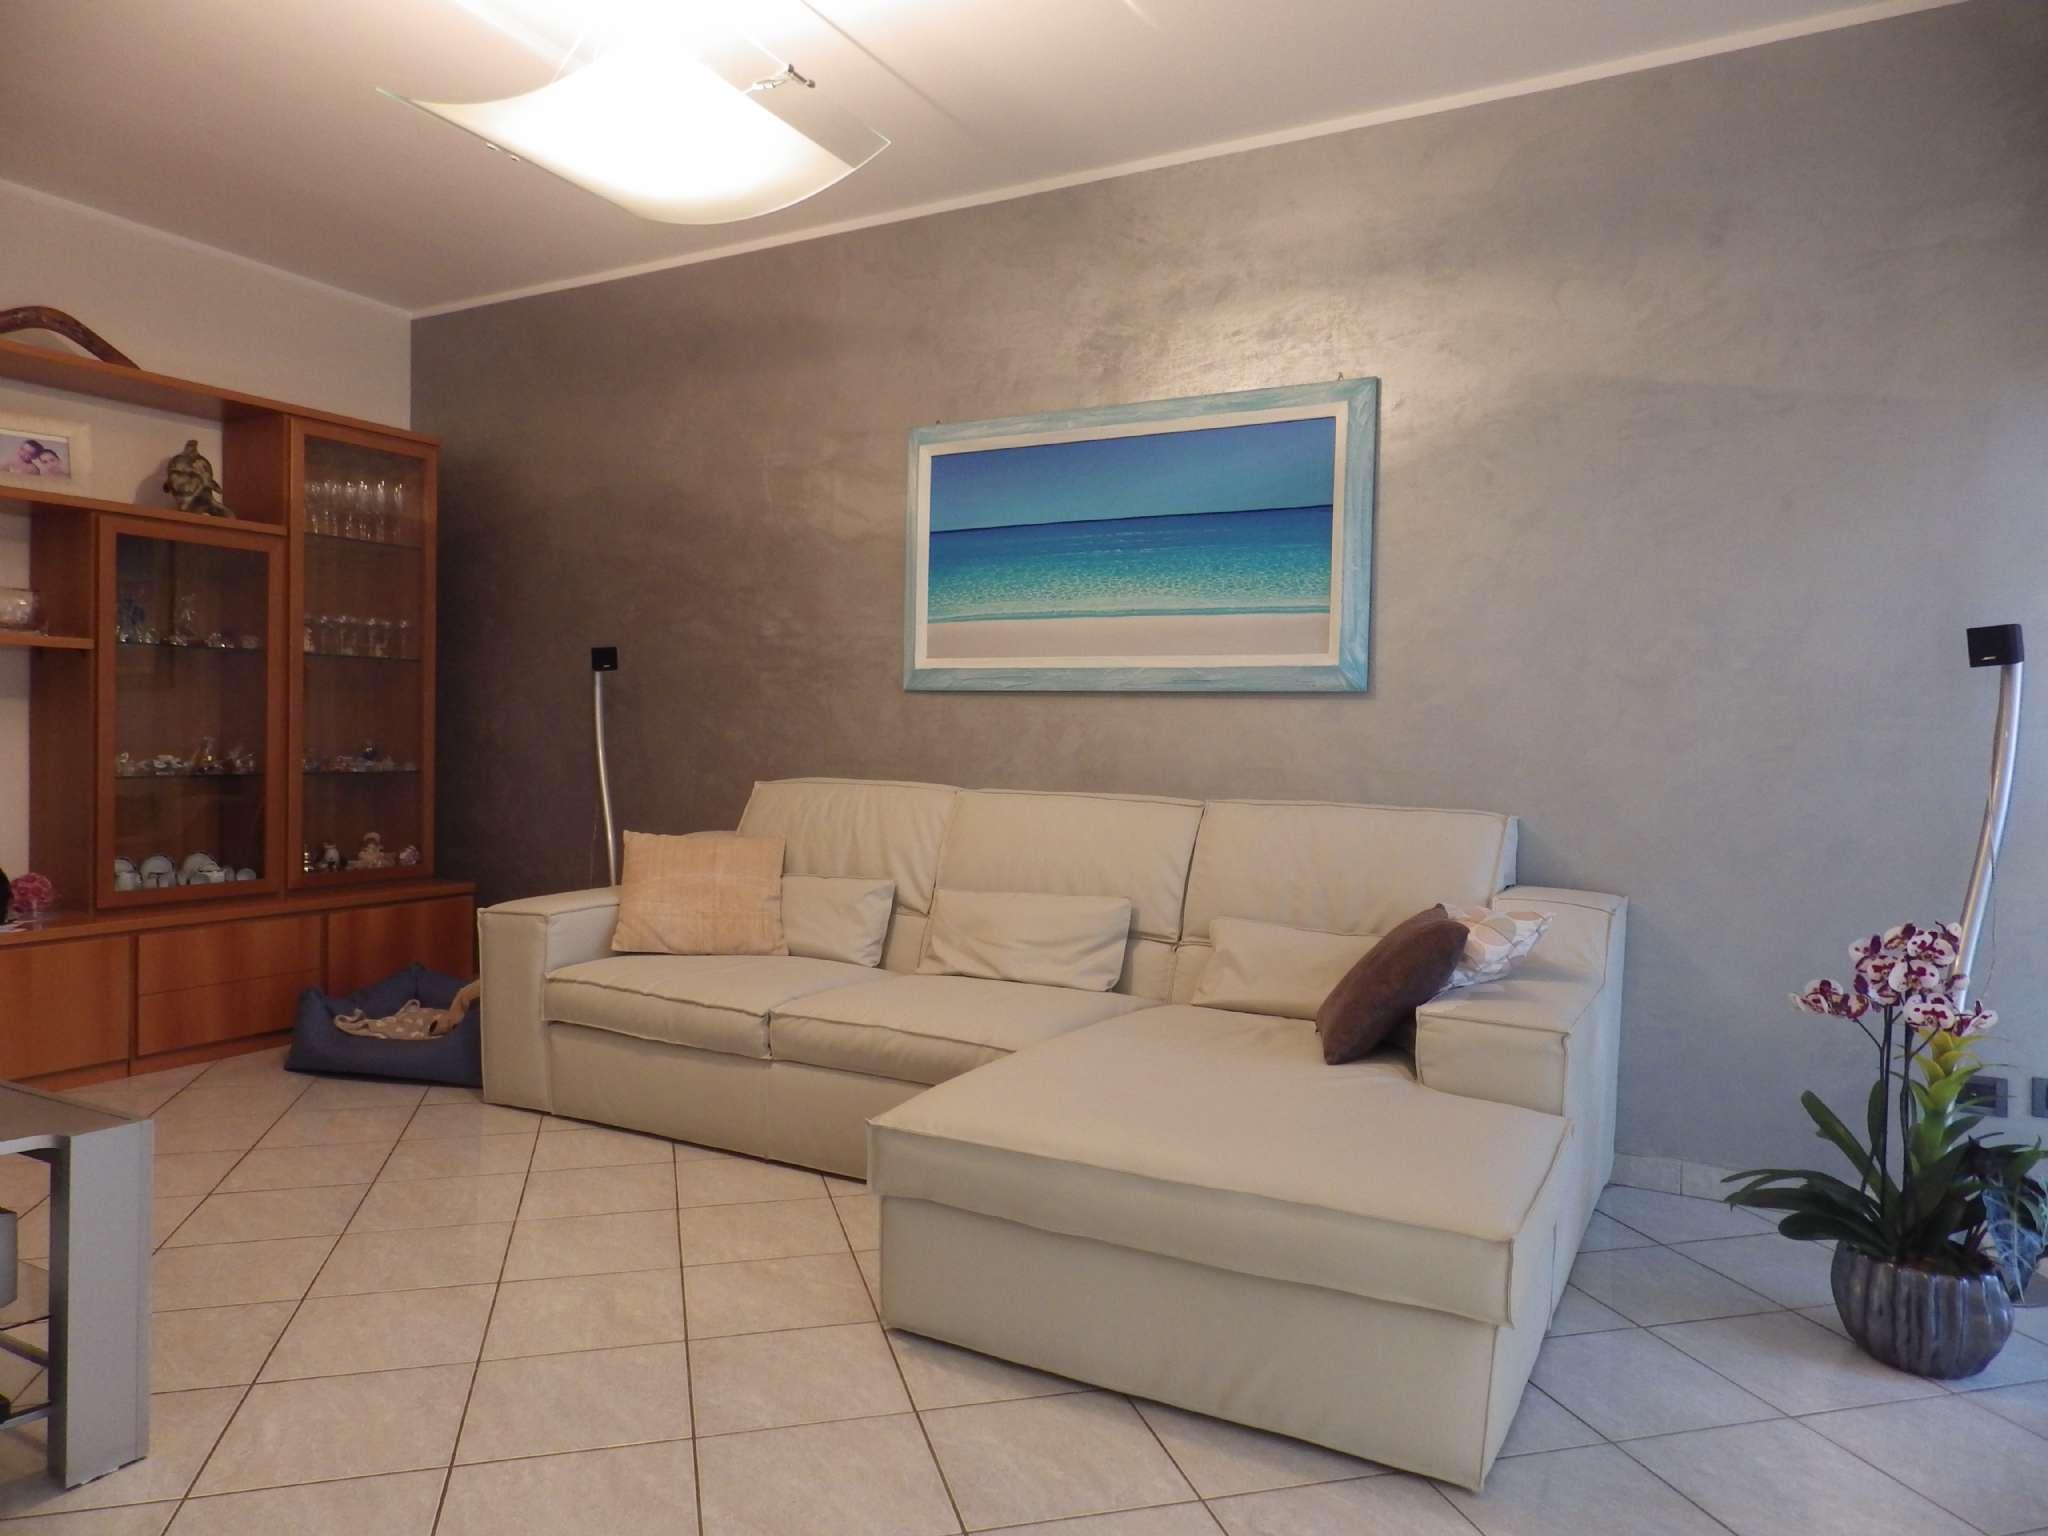 Appartamento ristrutturato in vendita Rif. 8443245